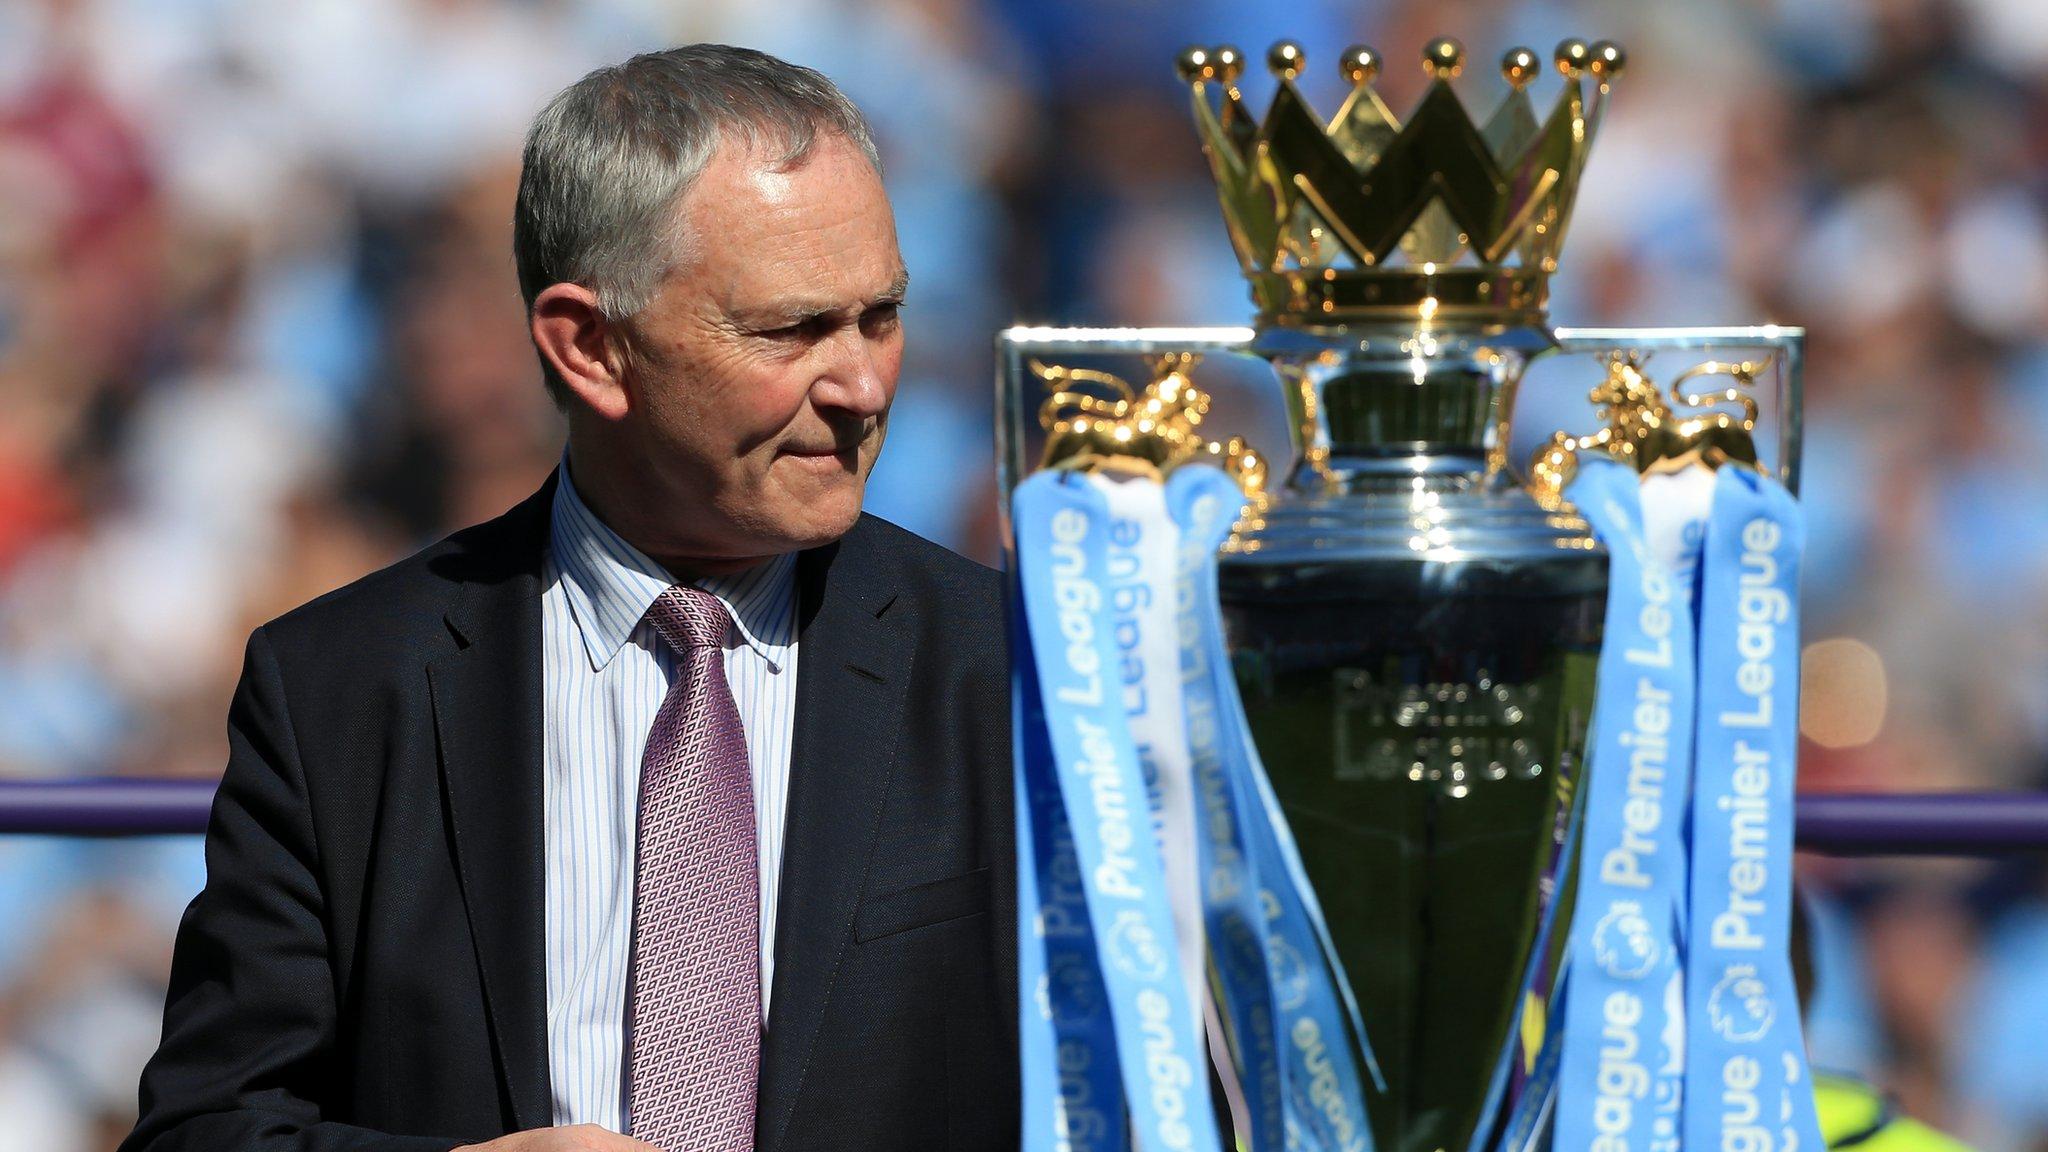 Scudamore's £5m bonus confirmed by Premier League